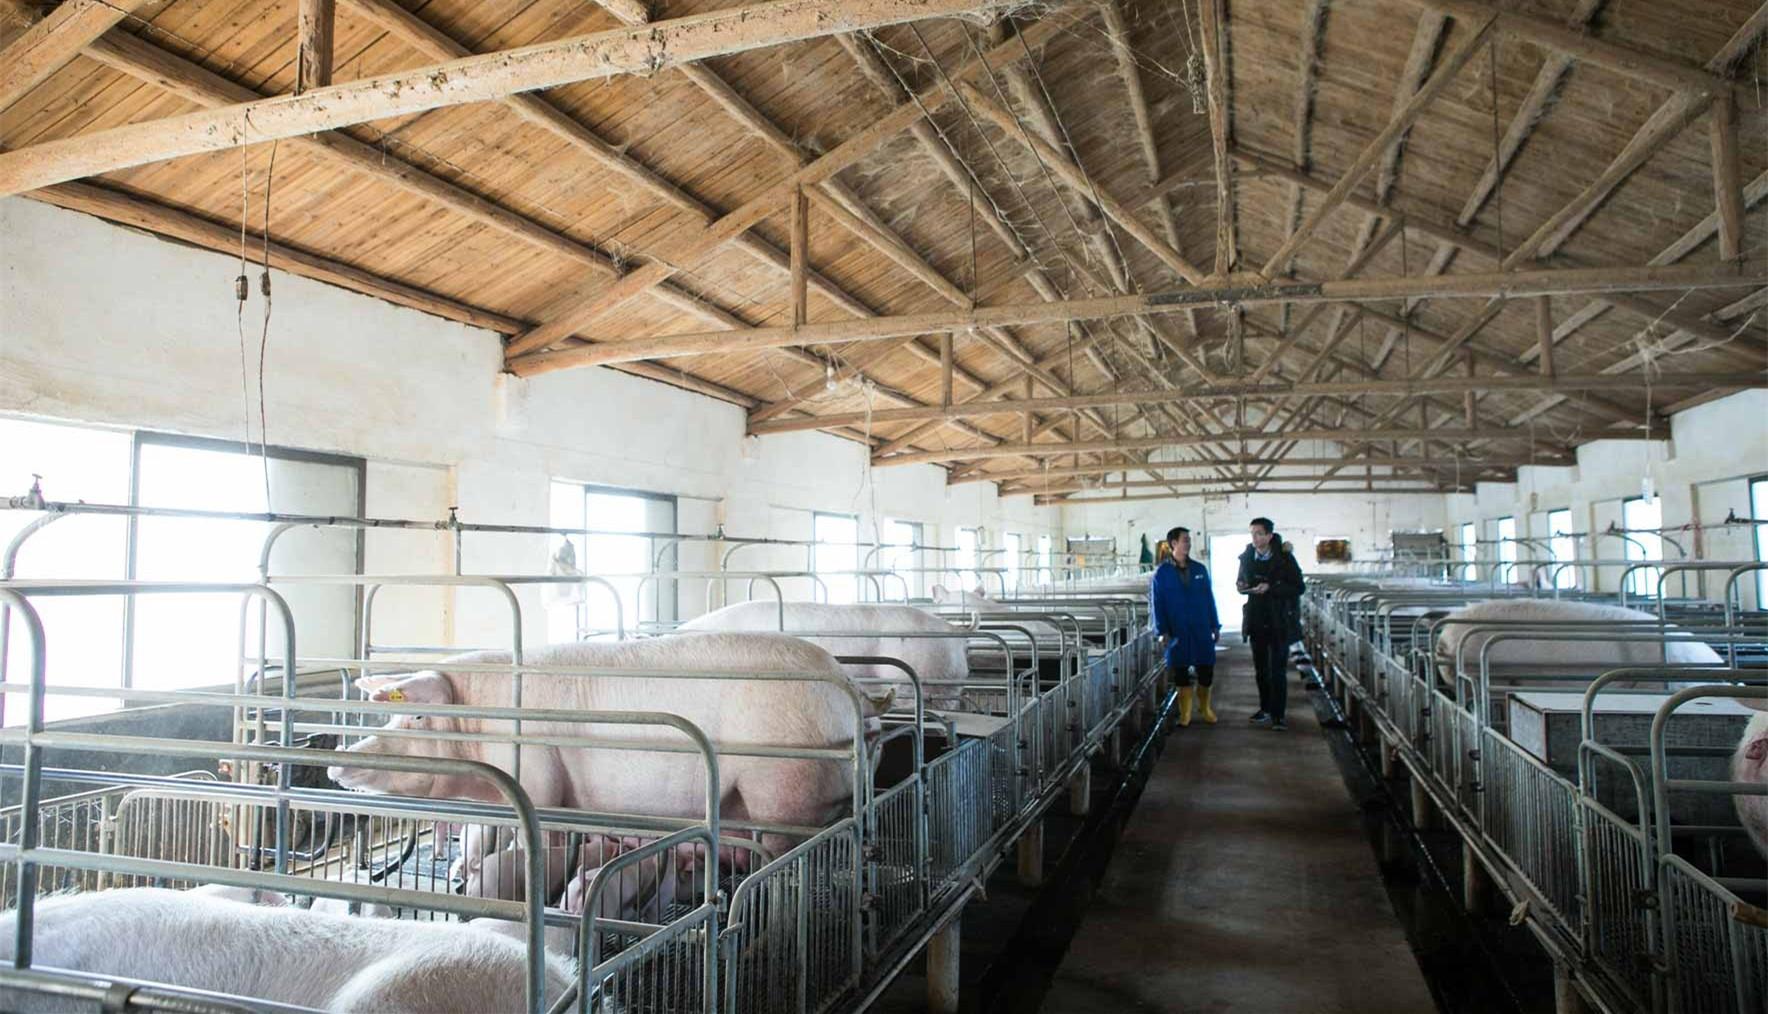 卵泡图像检测在母猪卵泡同步化控制研究中的应用